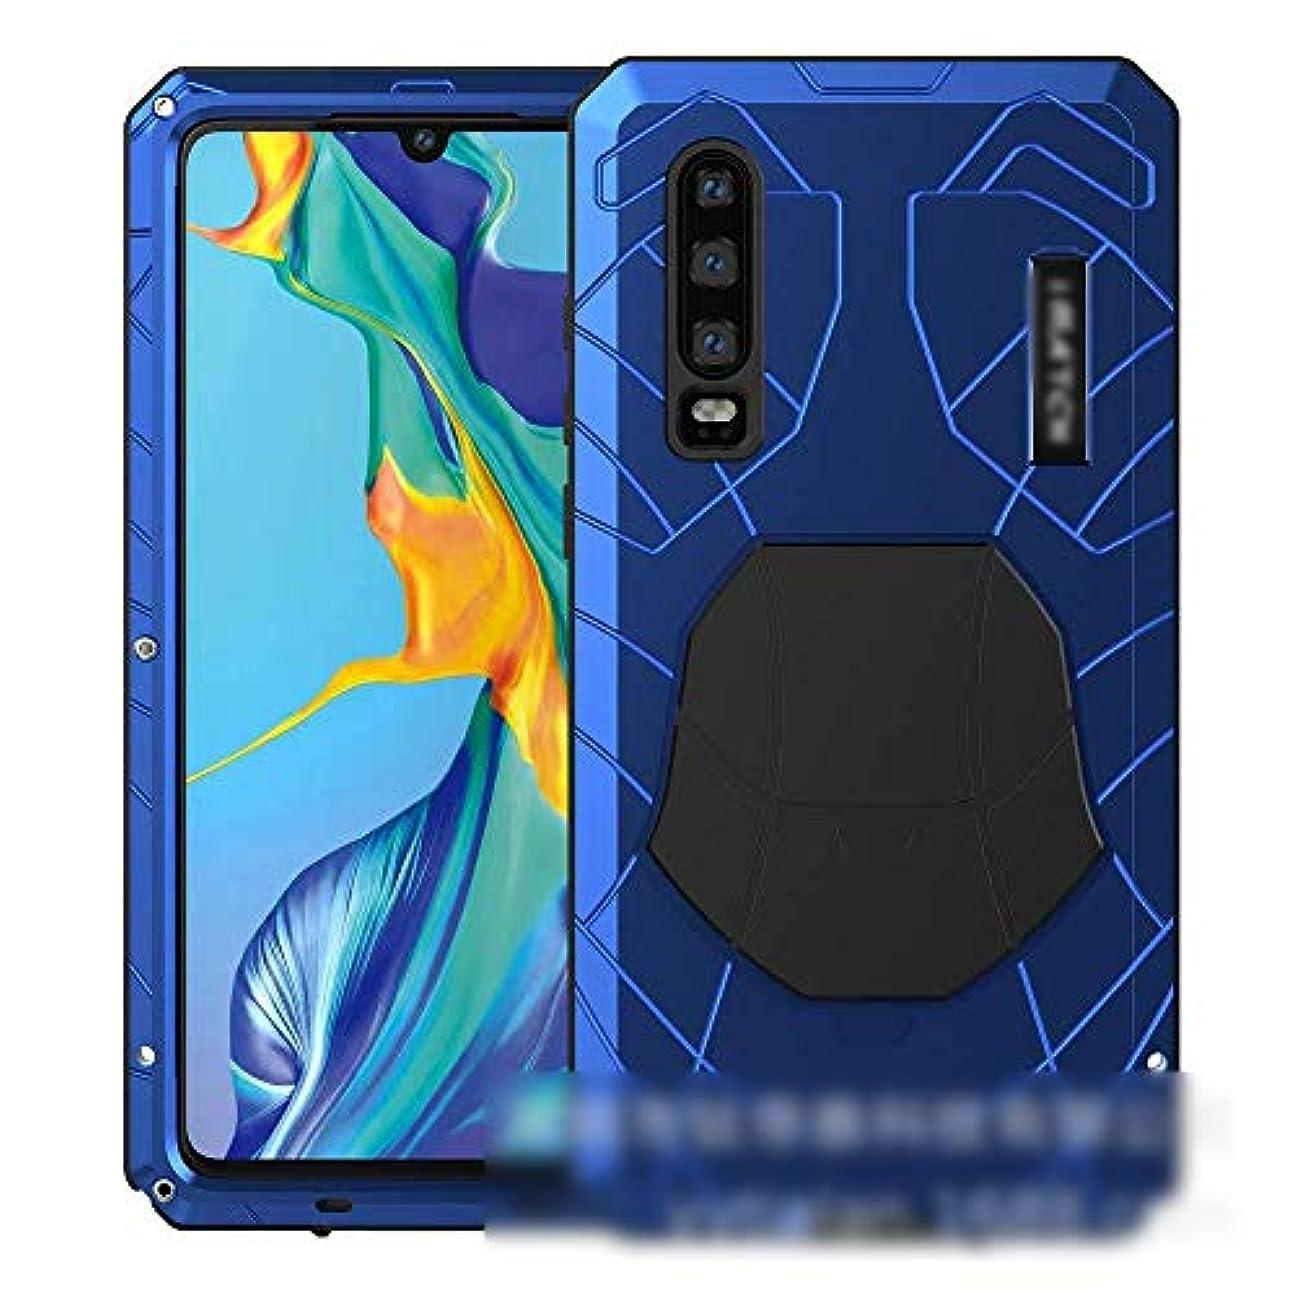 マリナー批判つかの間Tonglilili Huawei P20、P20 Pro、Mate10、Mate10 Pro、Mate20 Pro、Mate20、Mate30 X、Mate30 Lite、Nova 4e、P30、P10プラス、名誉8XP30 Pro、P10用の3つのアンチ携帯電話シェルメタル保護カバー電話ケース (Color : 青, Edition : Mate10)